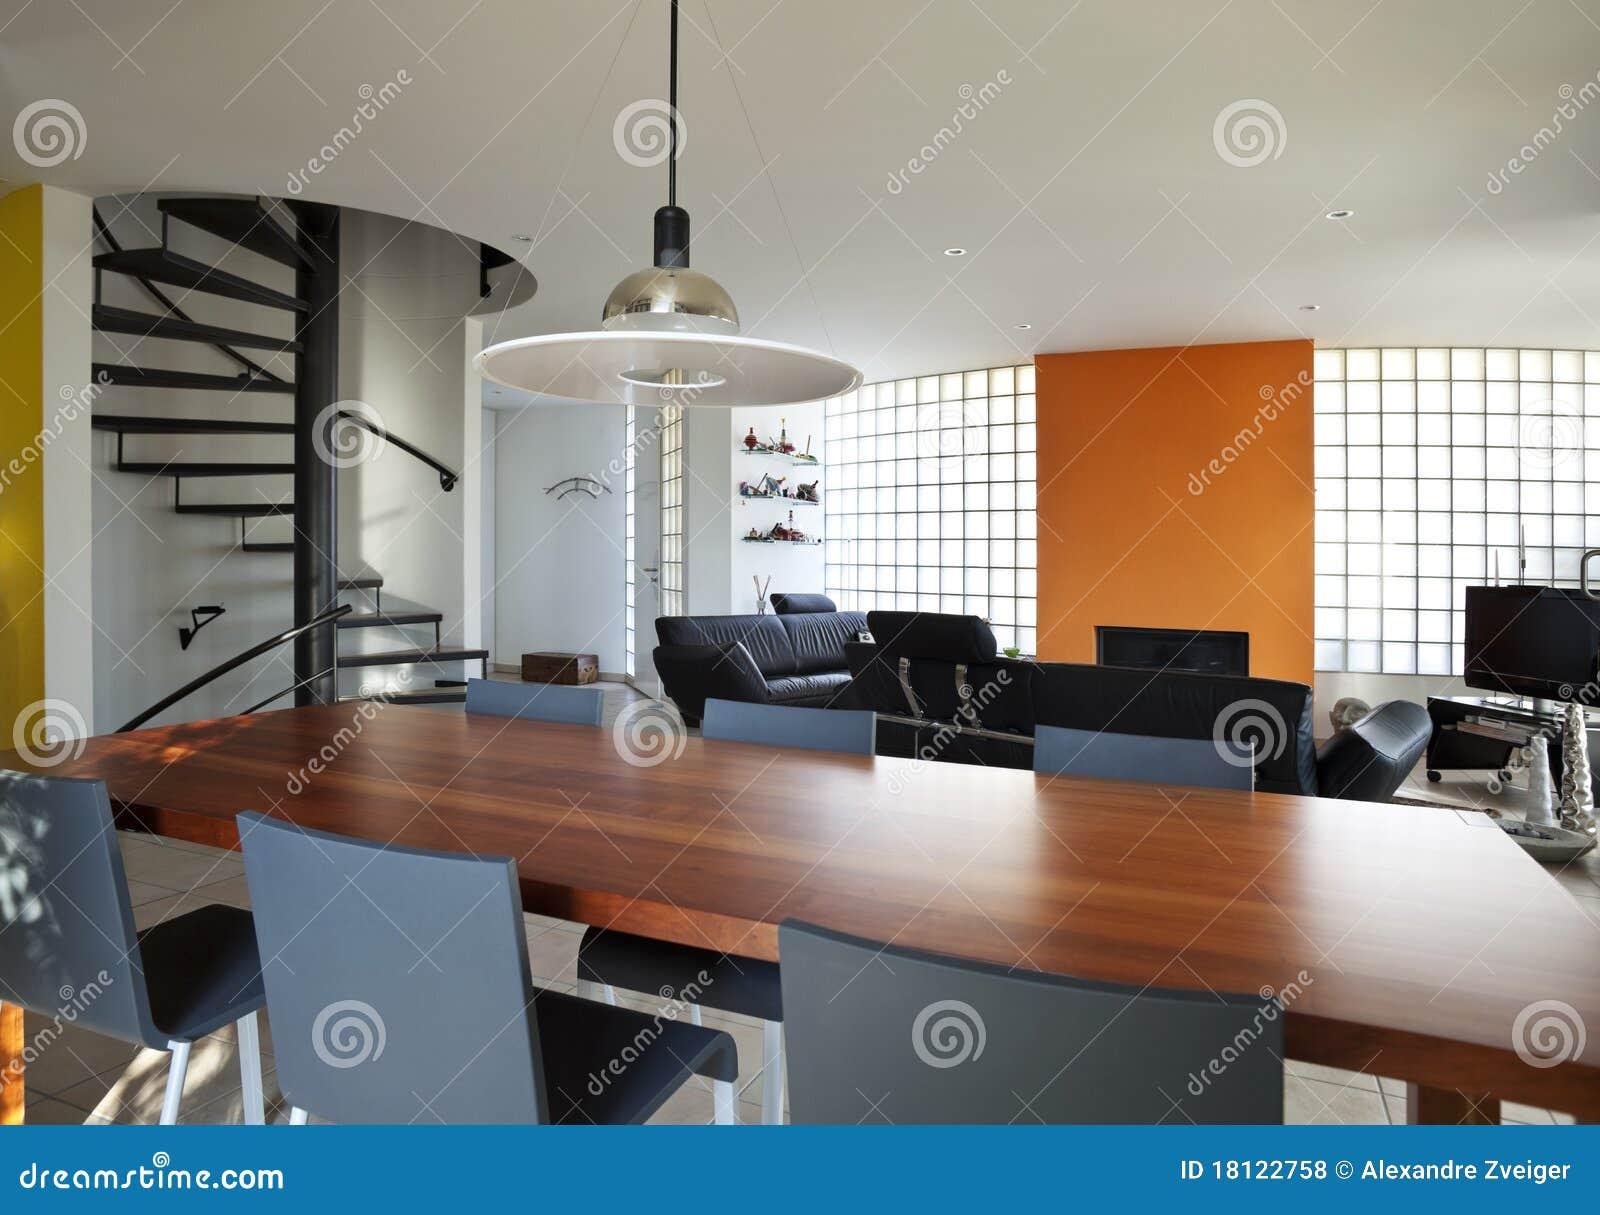 Casa moderna sala de jantar fotos de stock royalty free for Salas modernas de casas